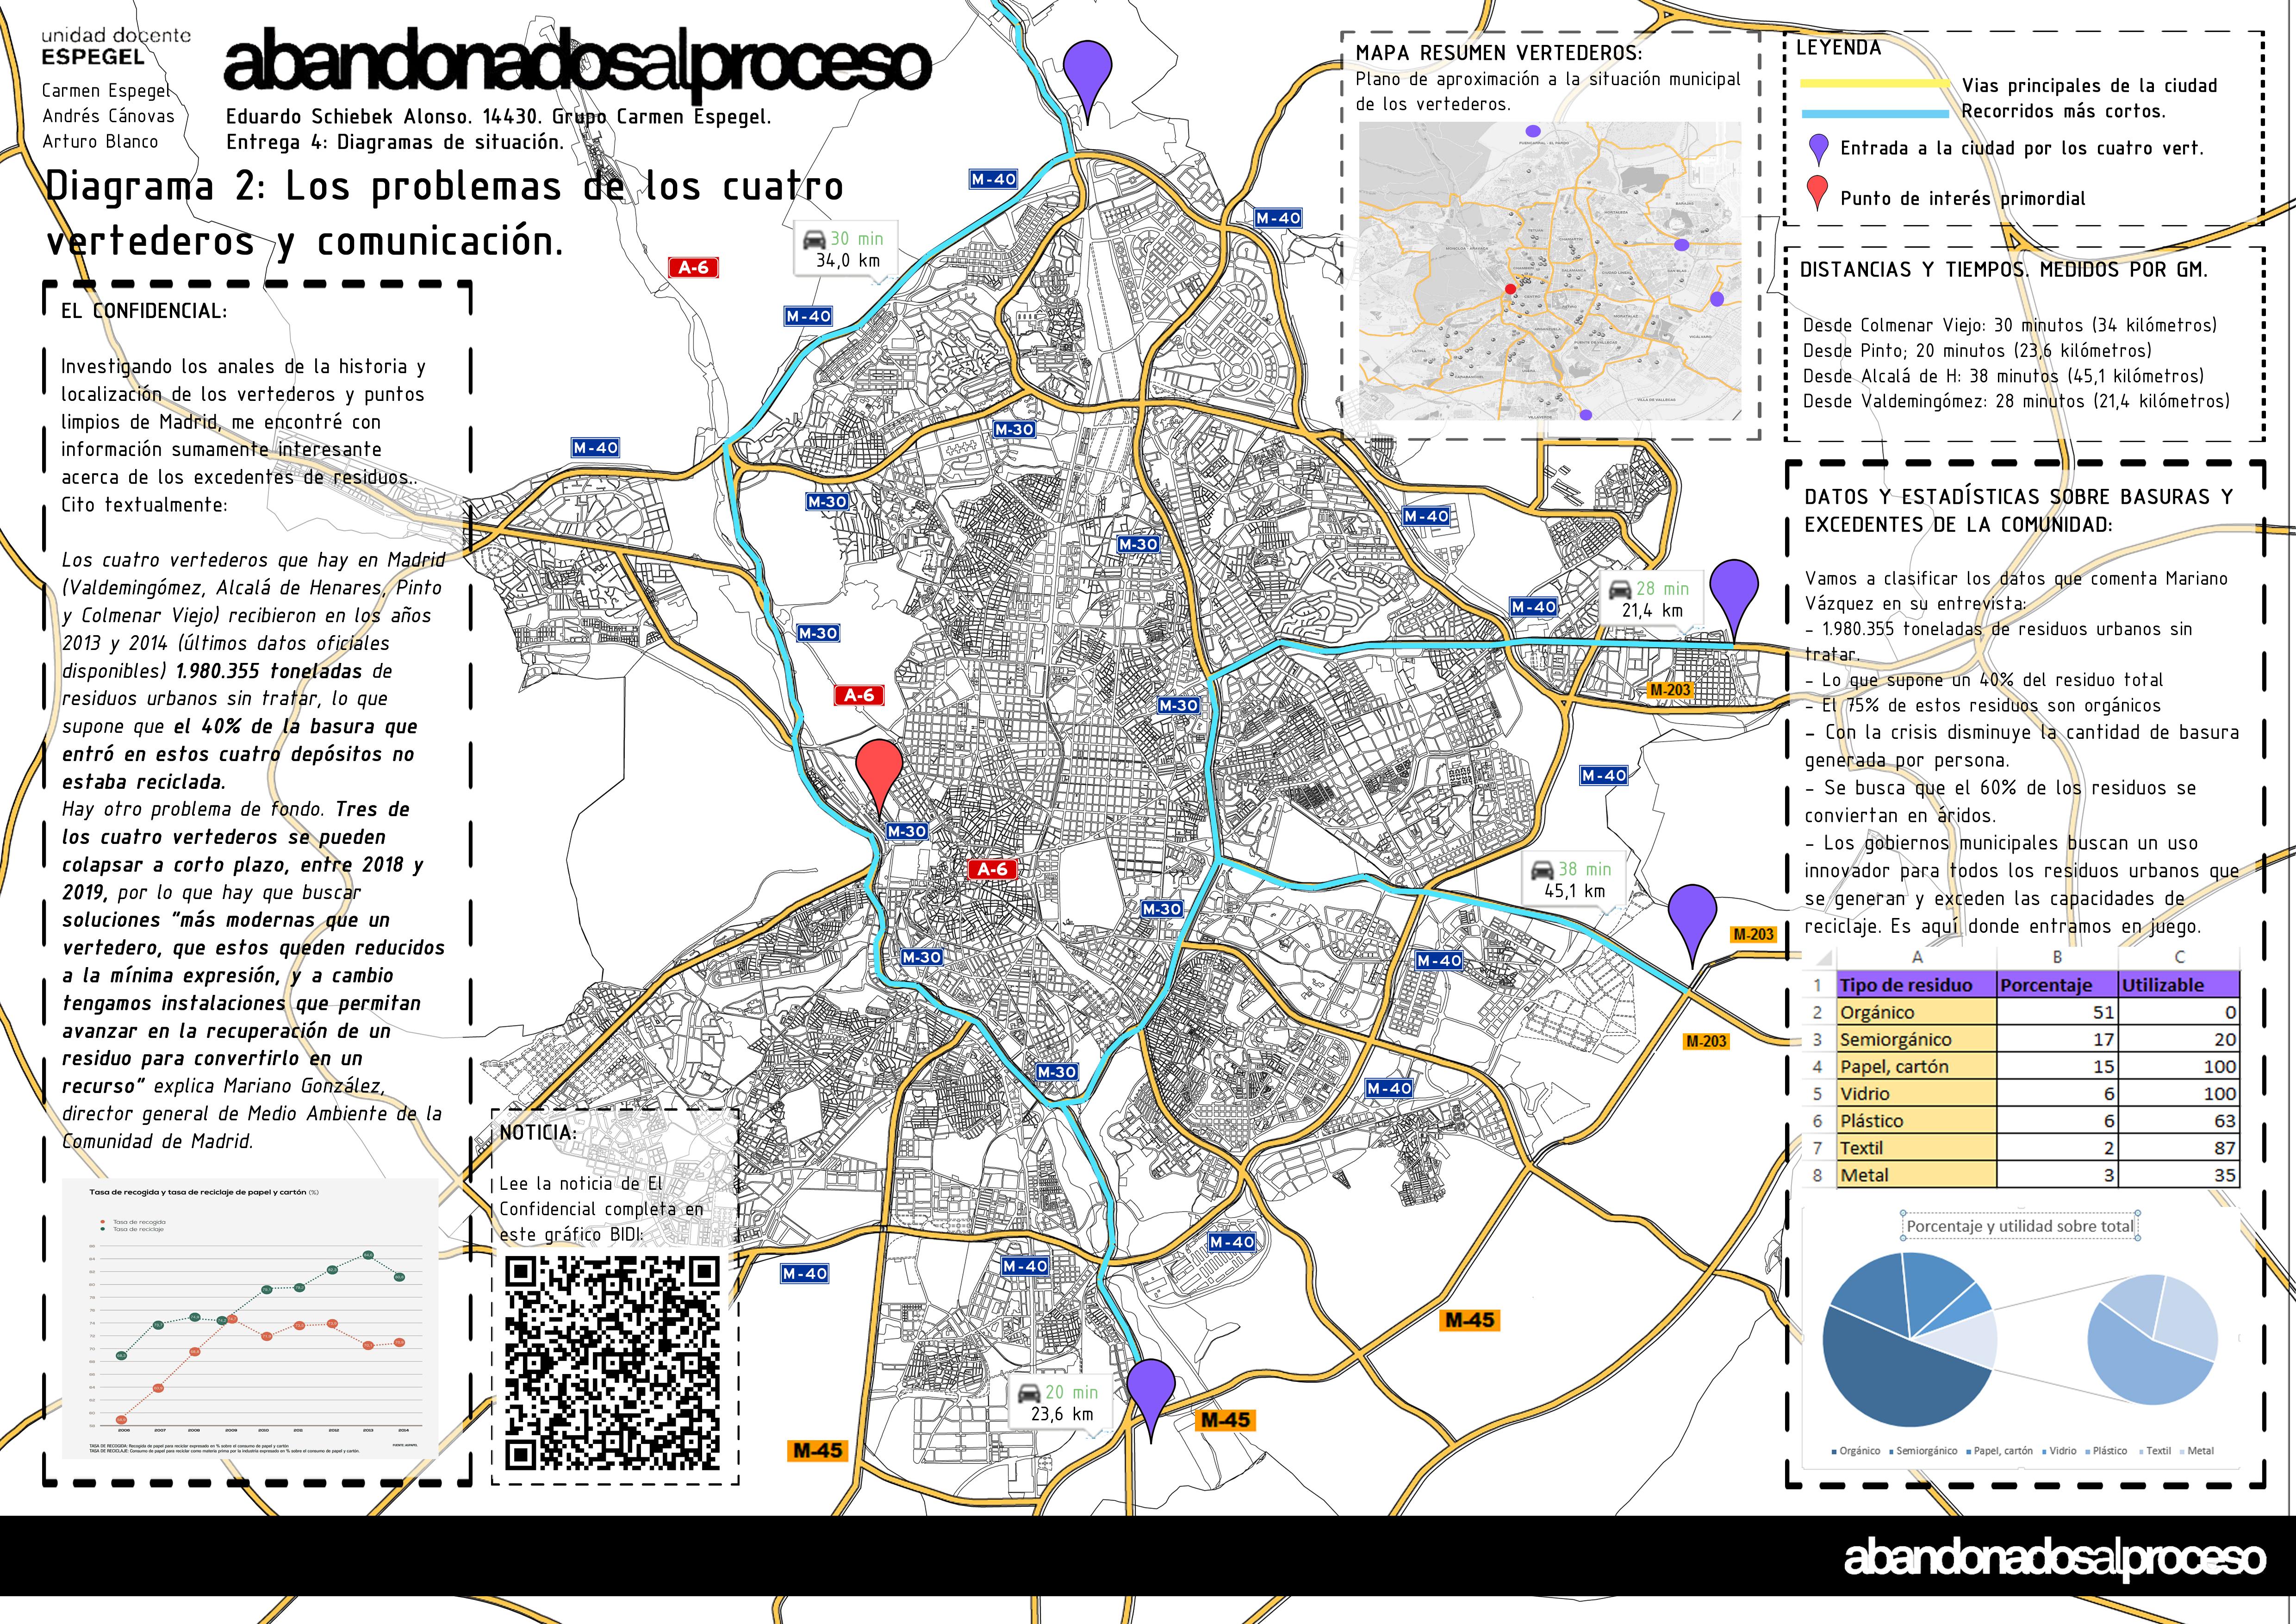 2 Mapa de distritos y vertederos